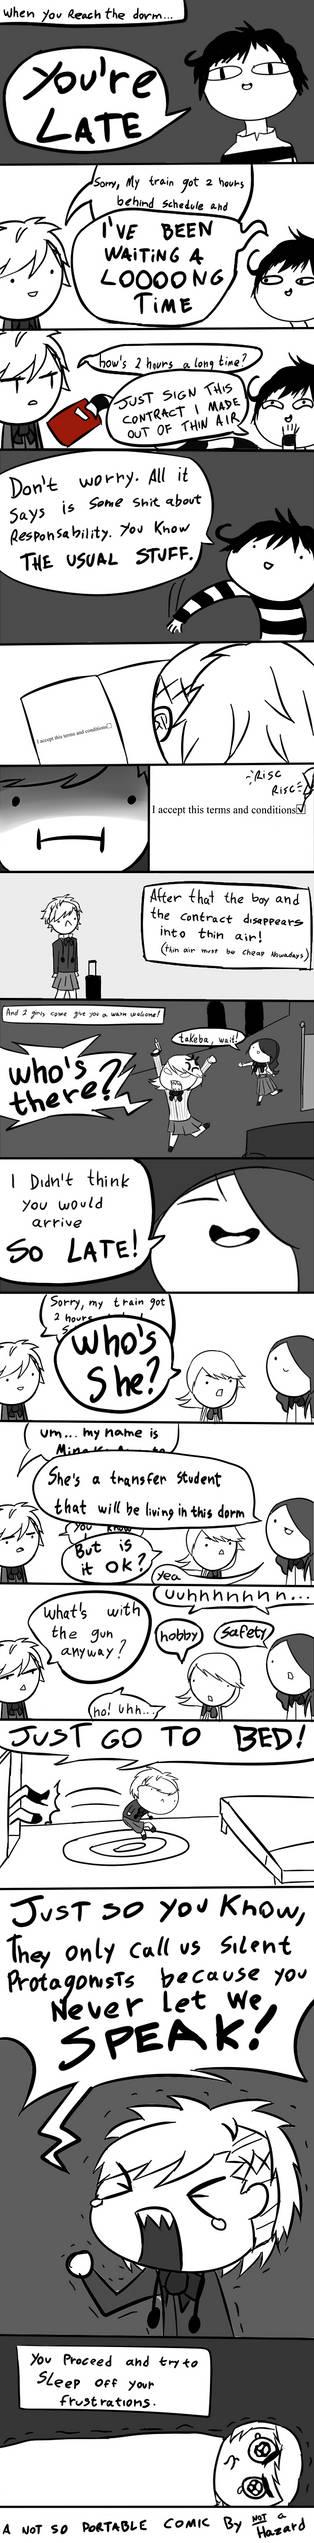 A not so Portable comic 3